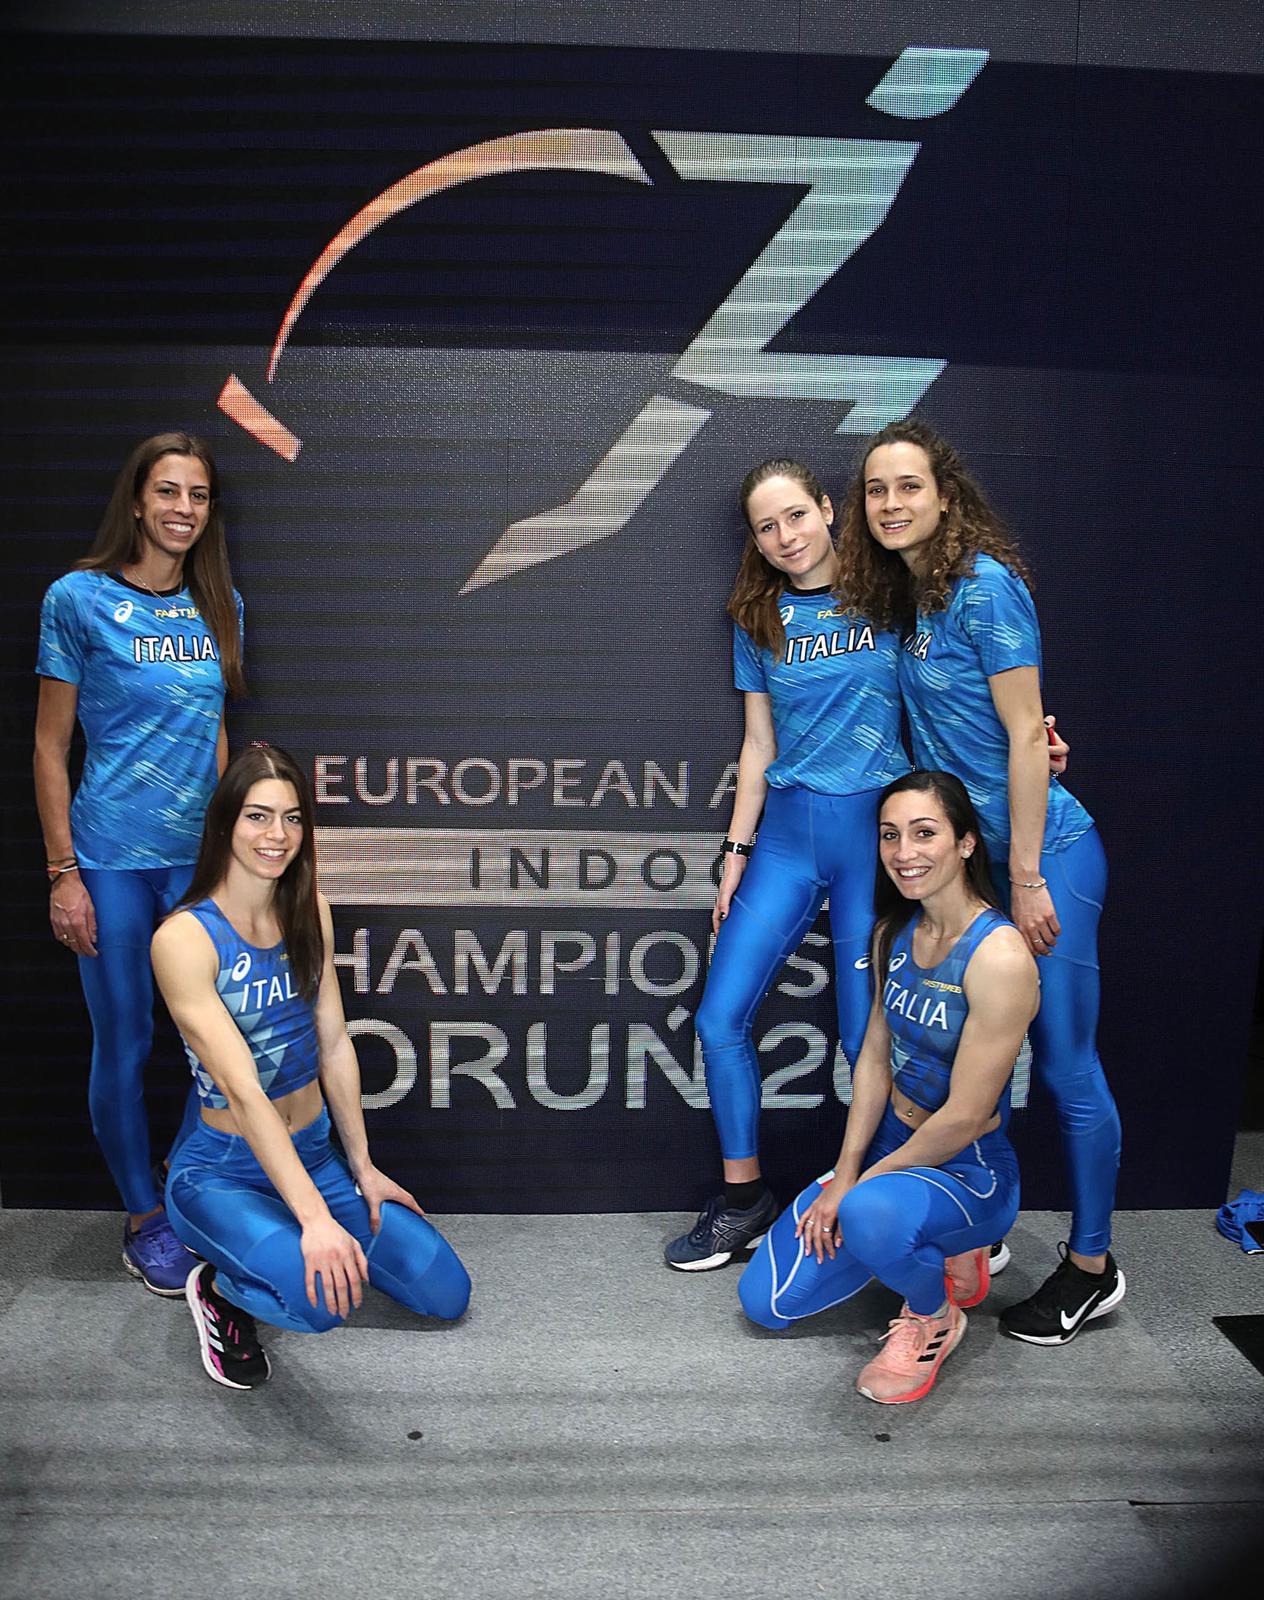 La staffetta azzurra con Eleonora Marchiando